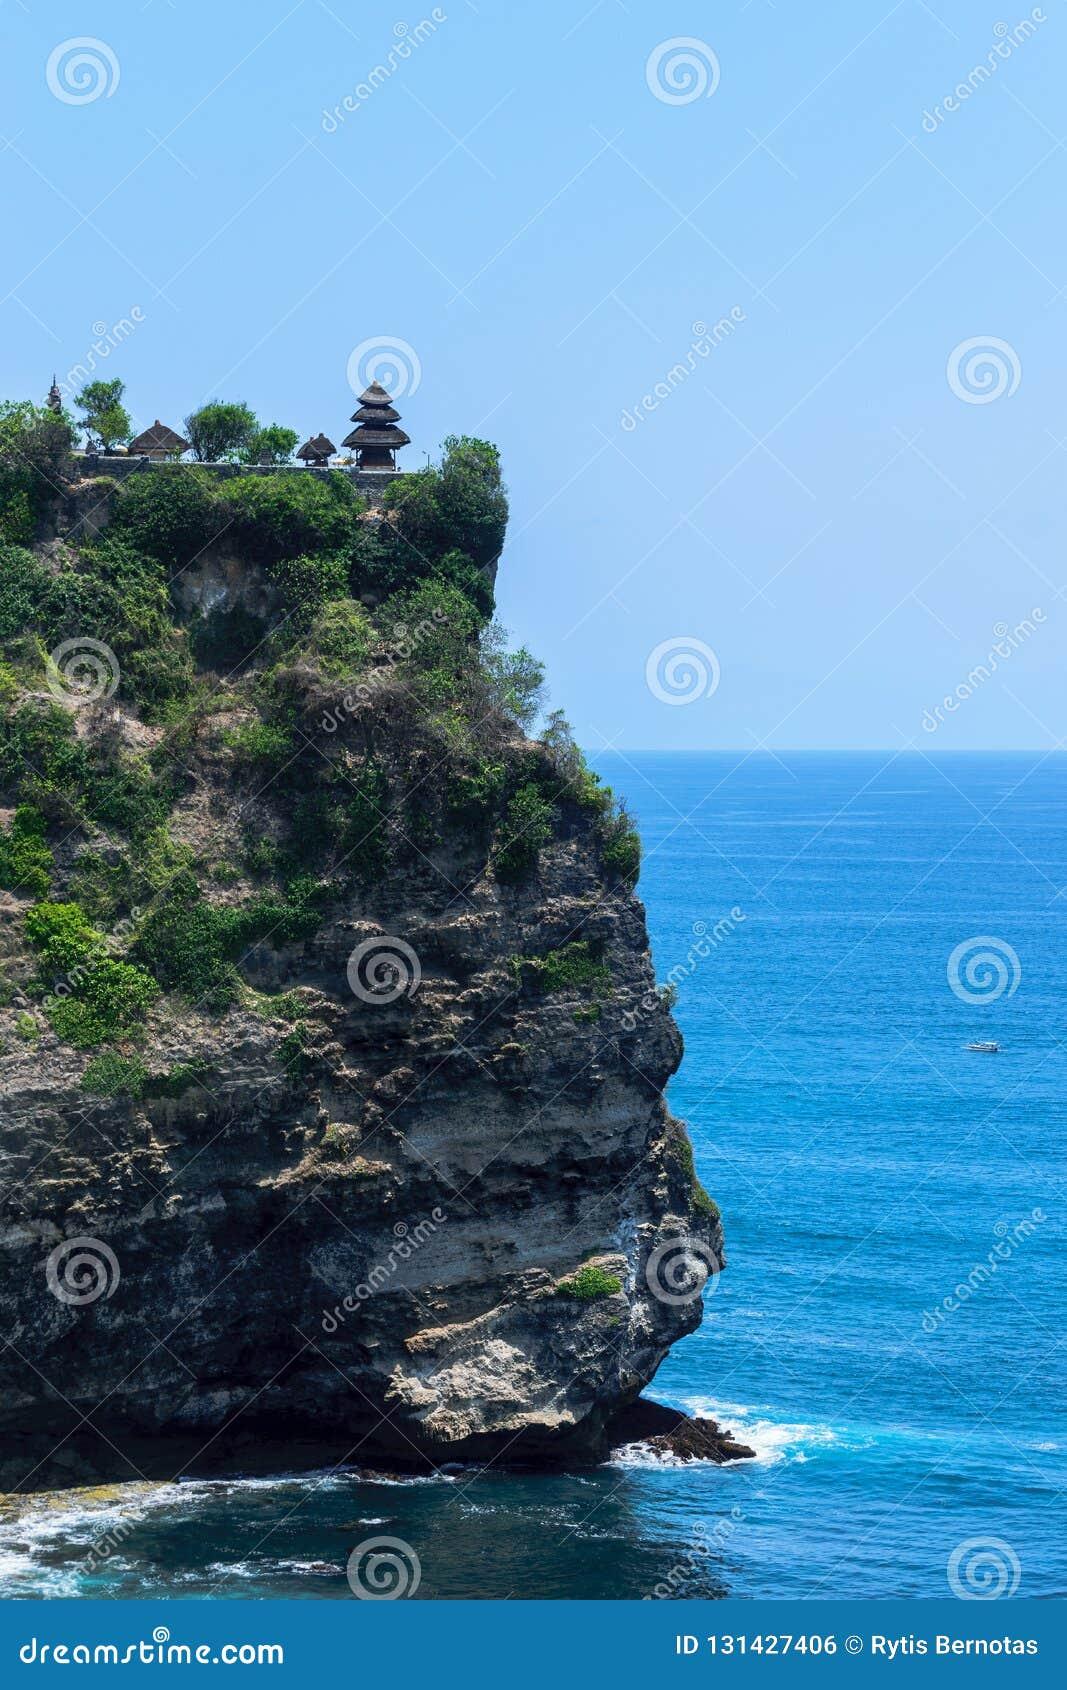 Tempio di uluwatu del luhur di Pura sulla scogliera con la bella vista di Oceano Indiano blu in Bali, Indonesia